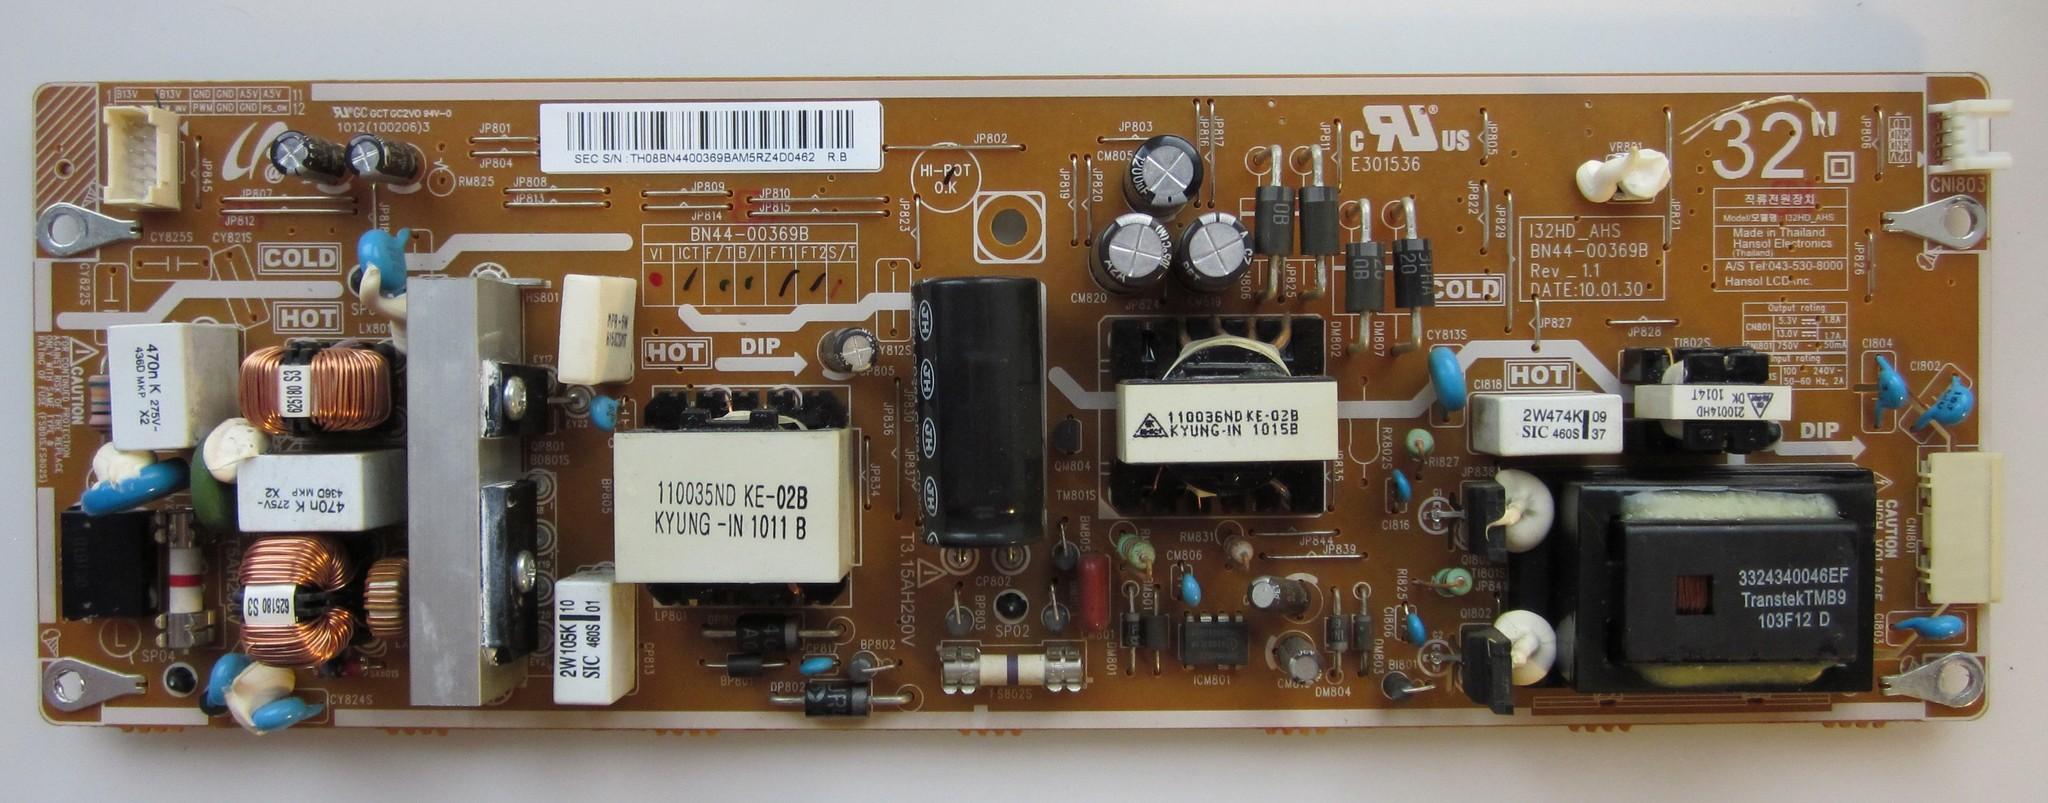 BN44-00369B